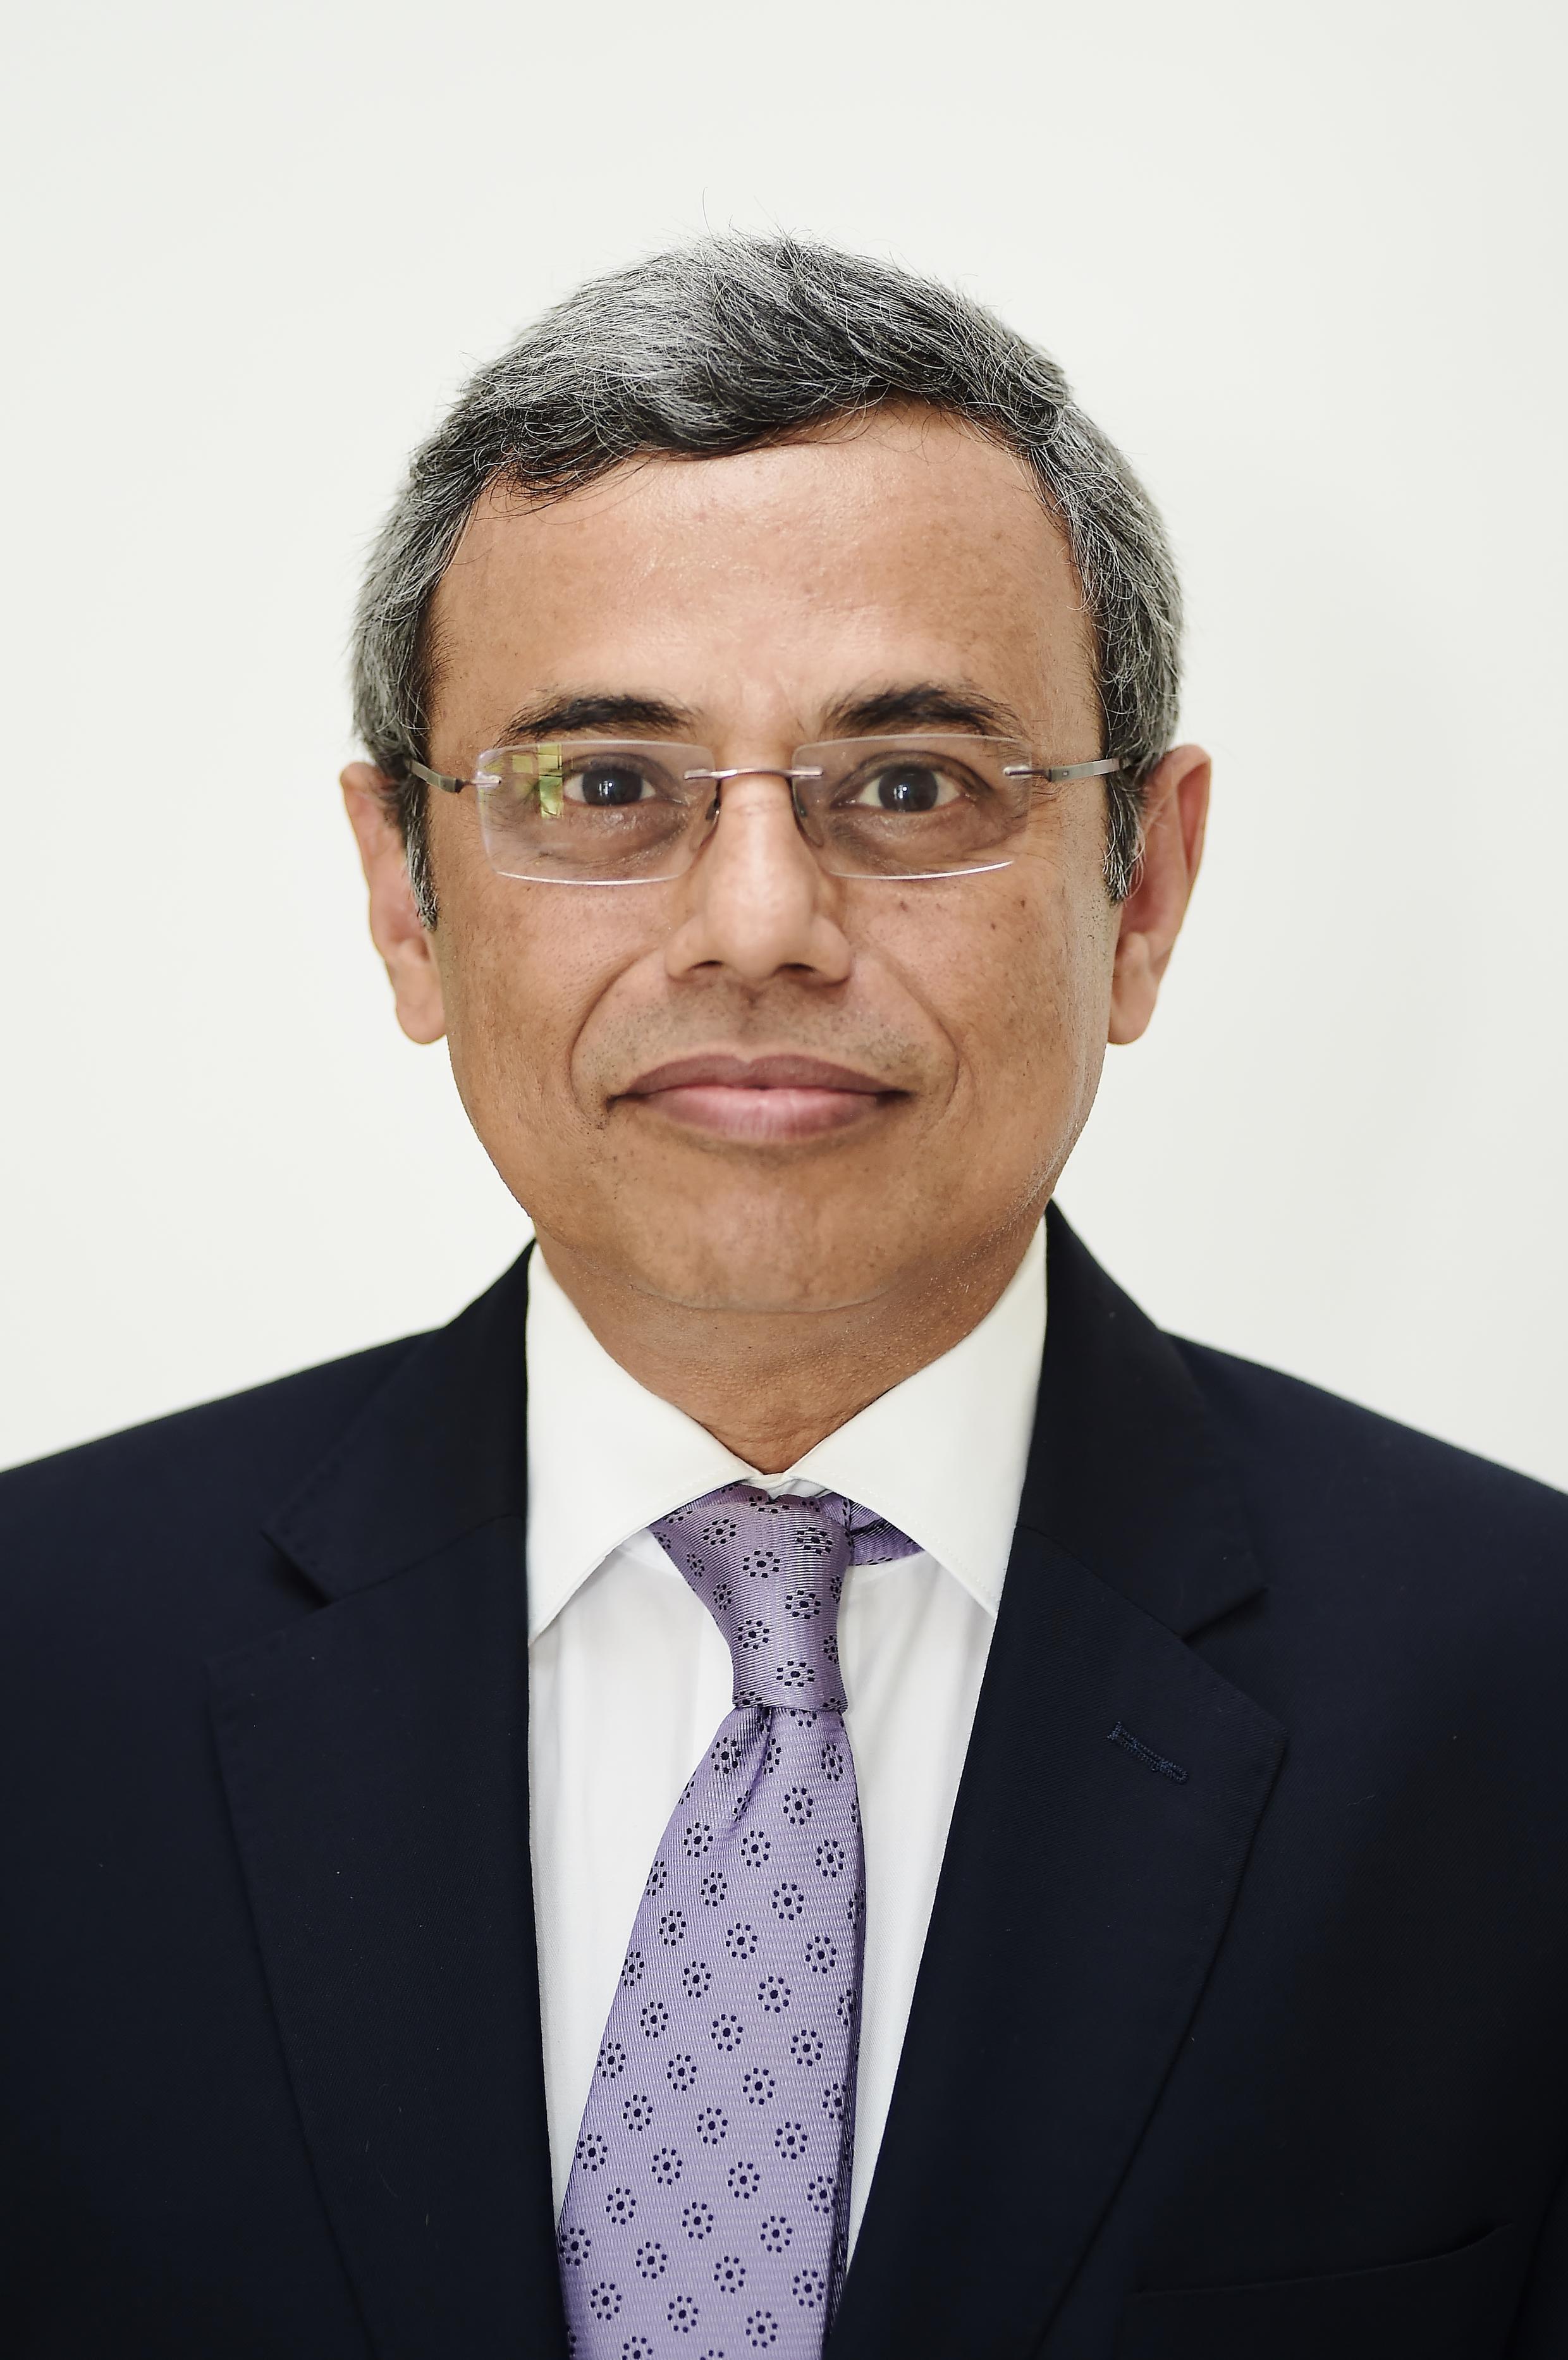 L'ambassadeur de l'Inde en France Jawed Ashraf